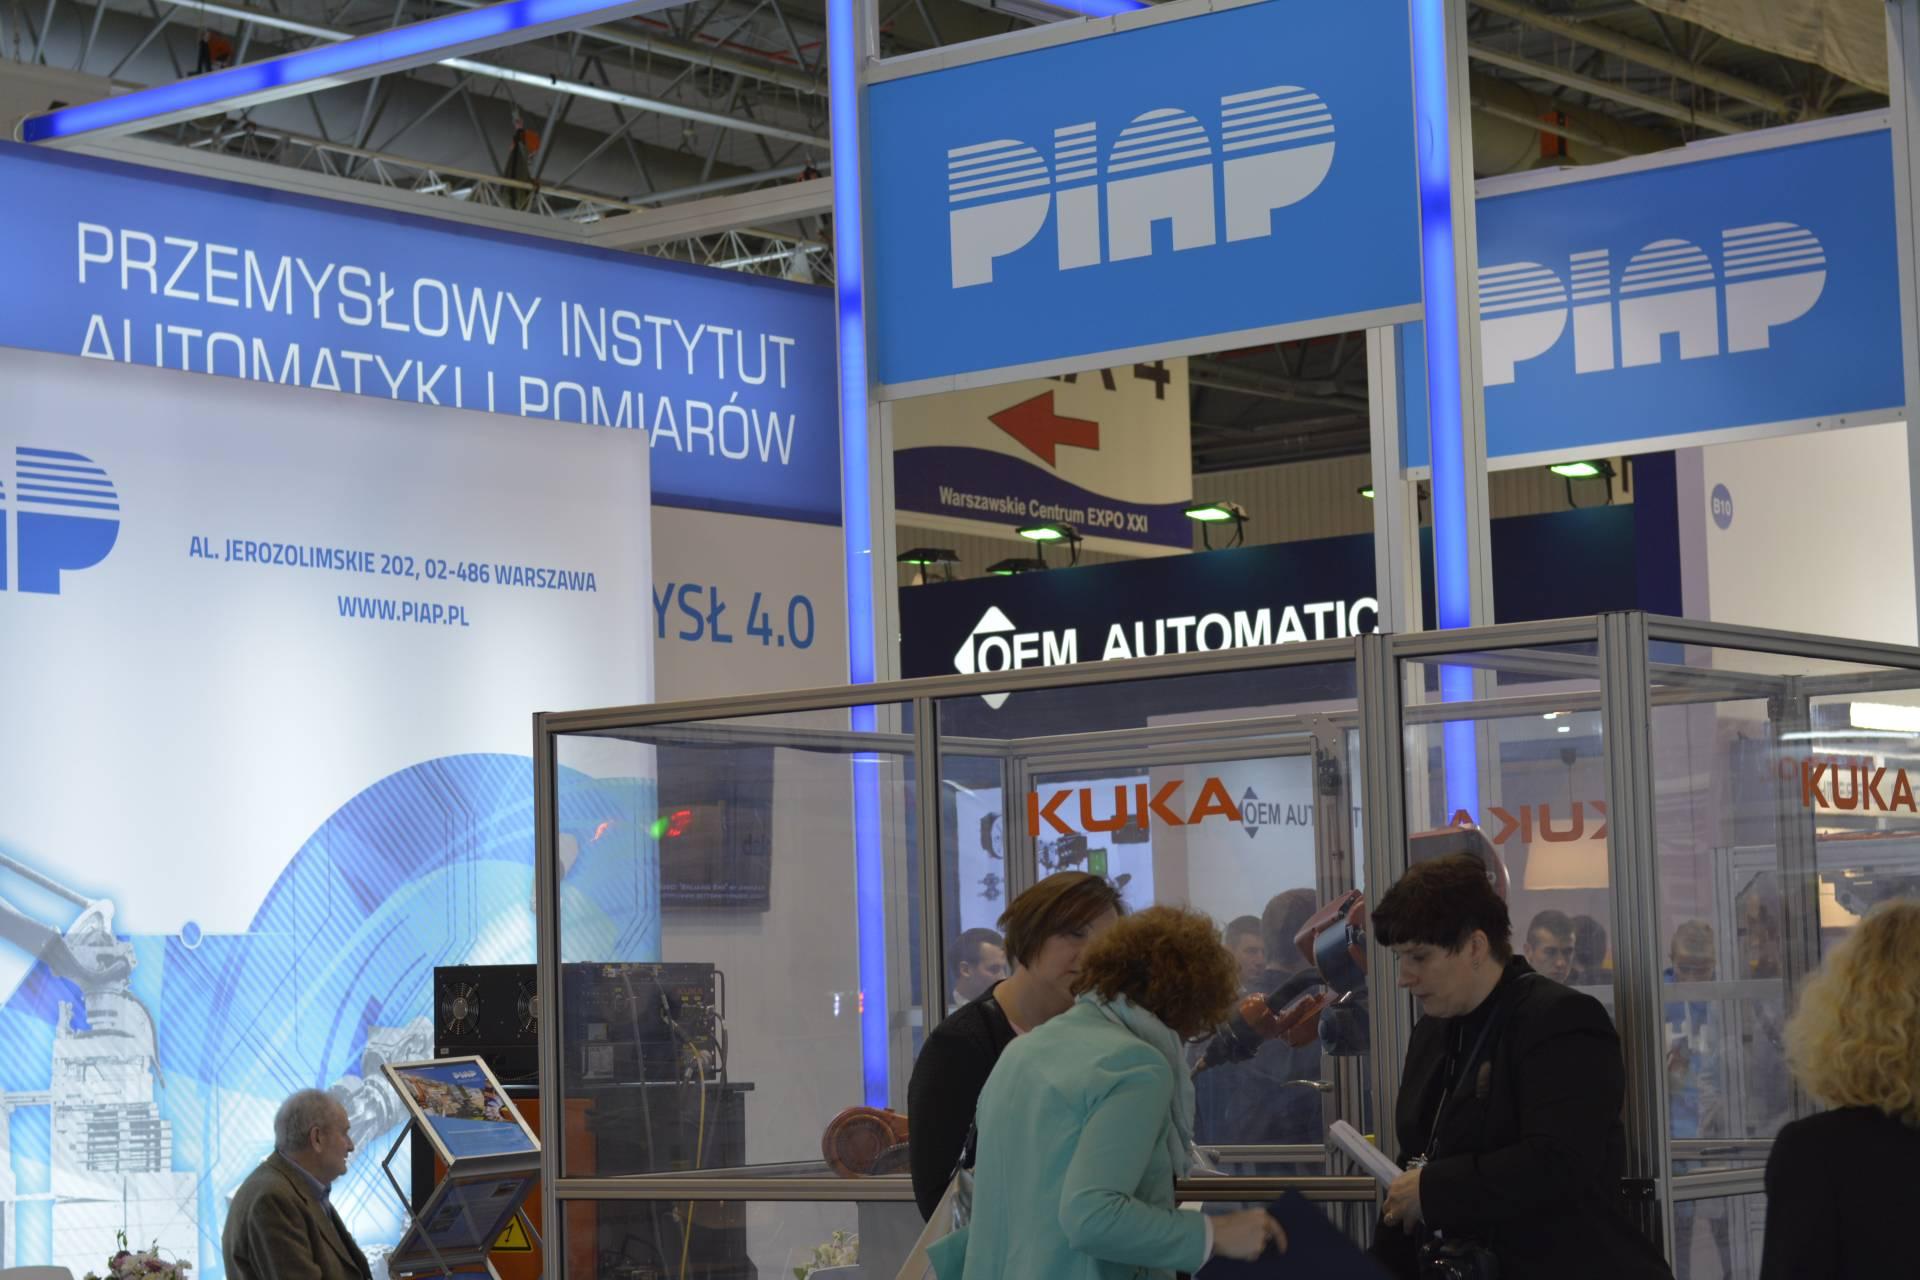 Stoisko PIAP na targach Automaticon 2017 (fot. PIAP)